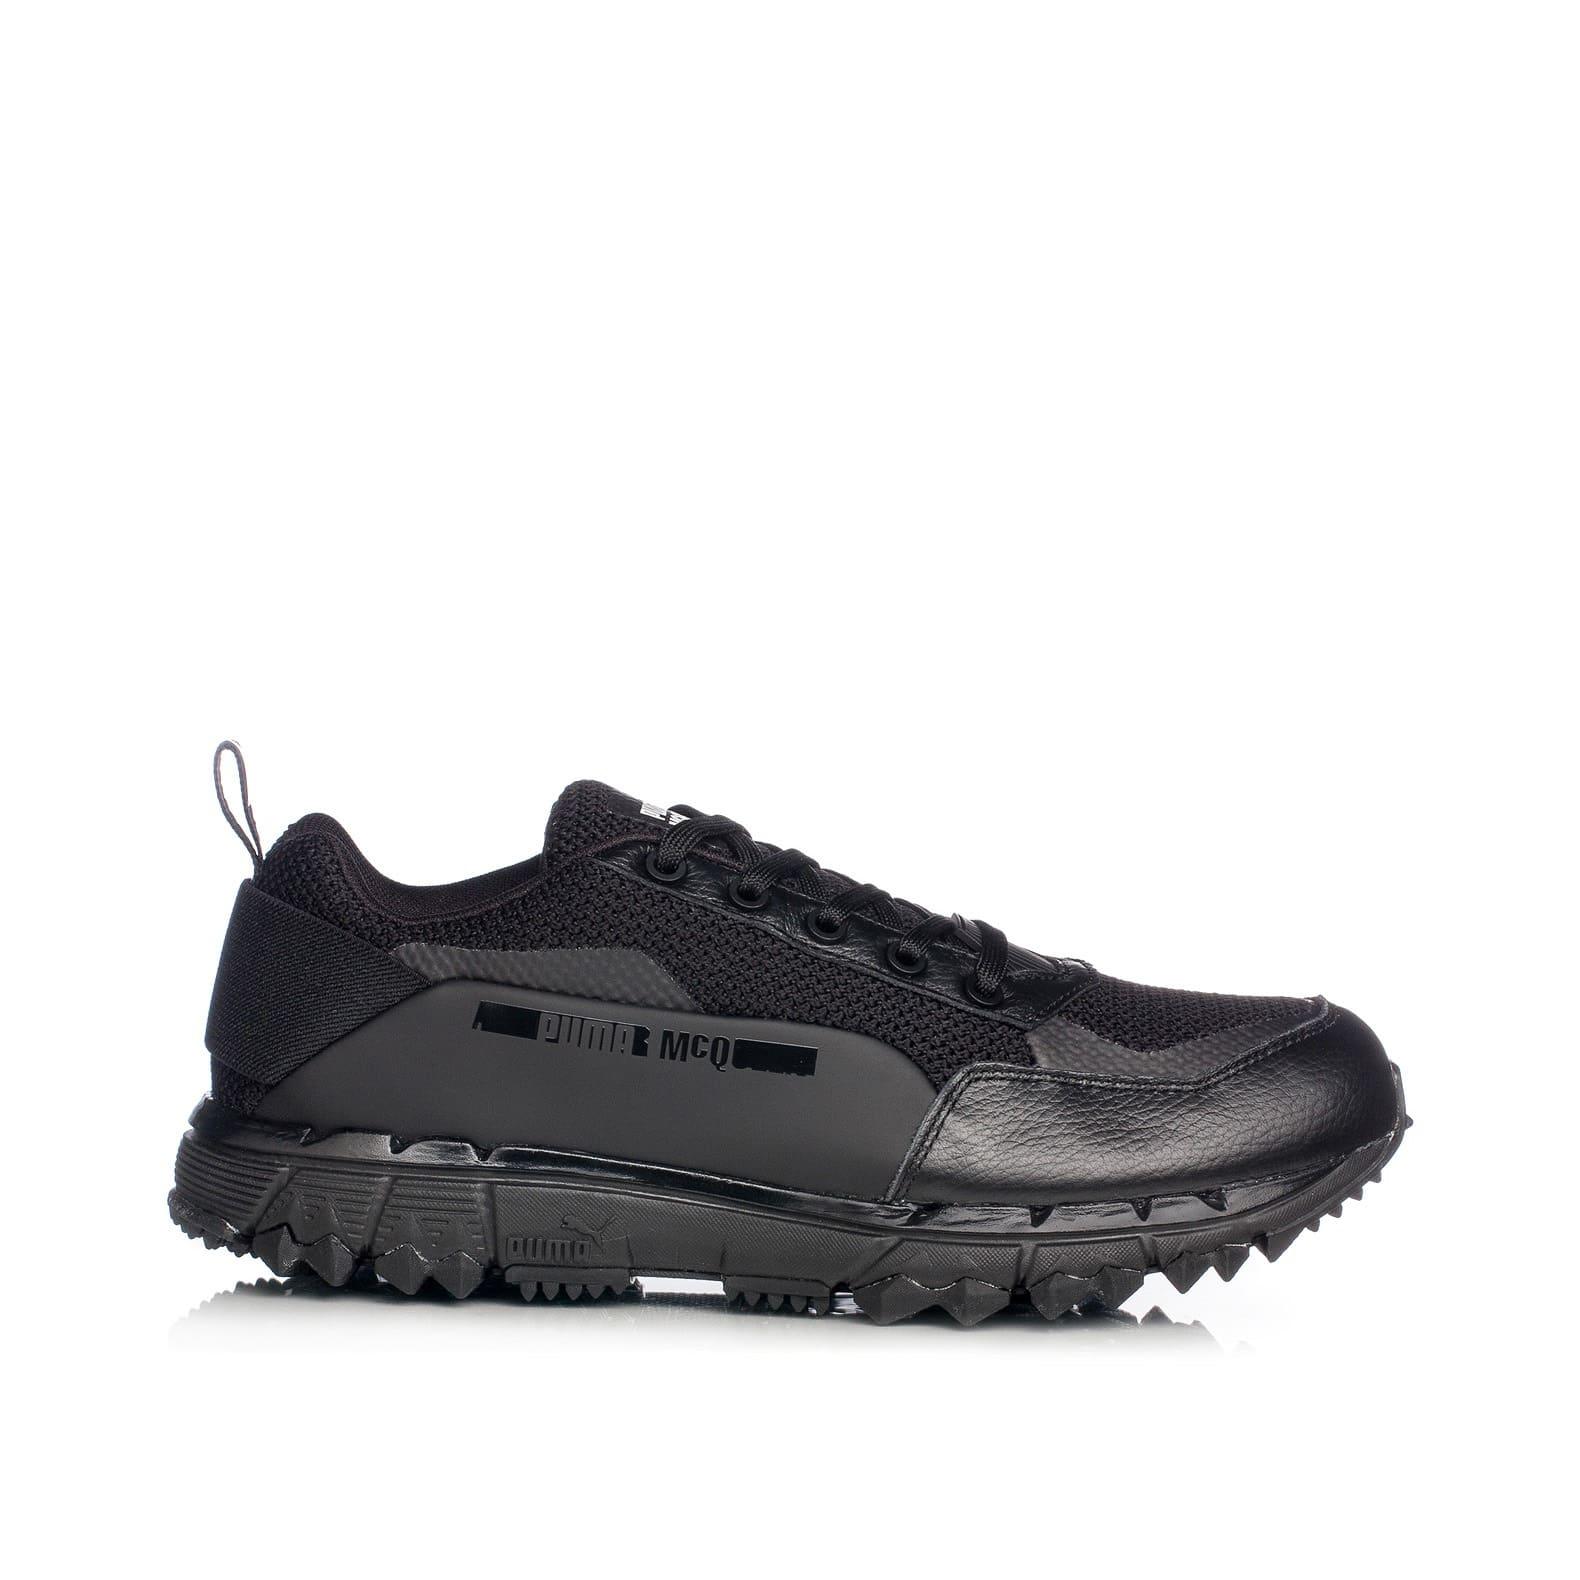 Puma-x-McQ-Cell-Track-Lo-Black-361479-01